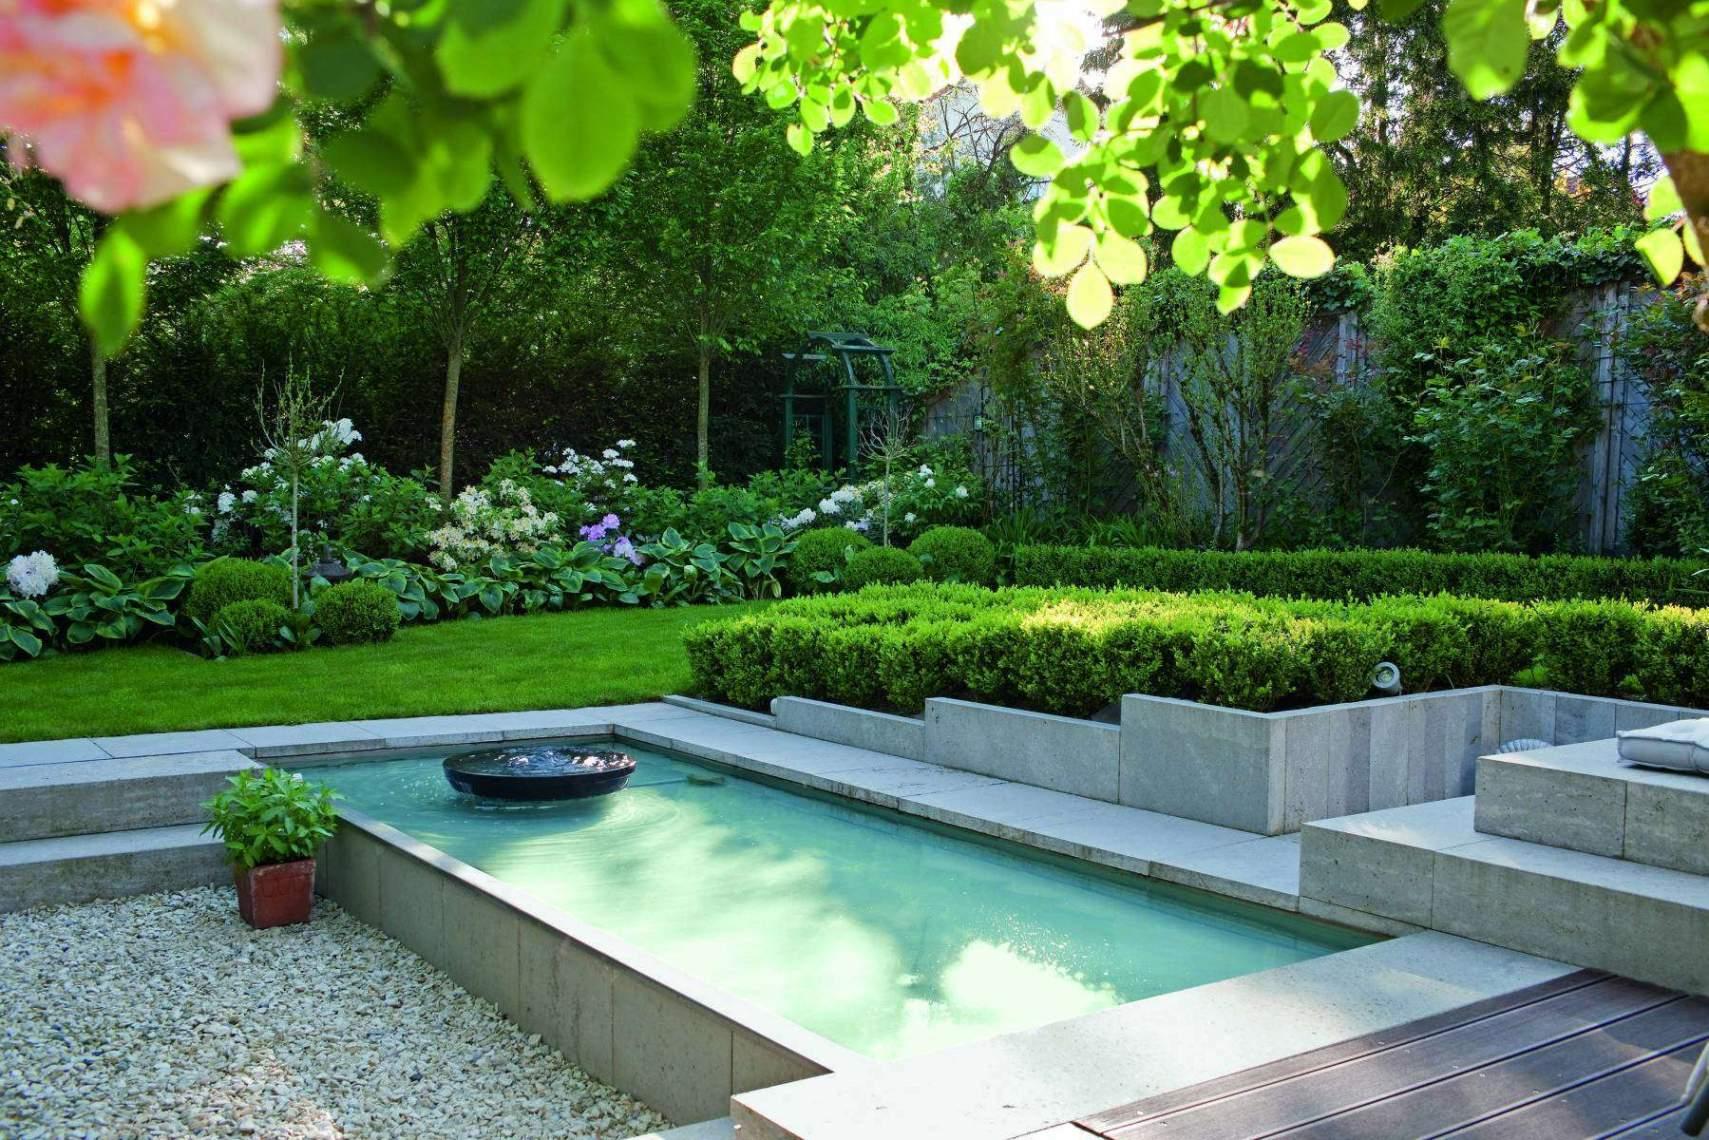 Gartengestaltung Kleine Gärten Bilder Das Beste Von Gartengestaltung Kleine Gärten — Temobardz Home Blog